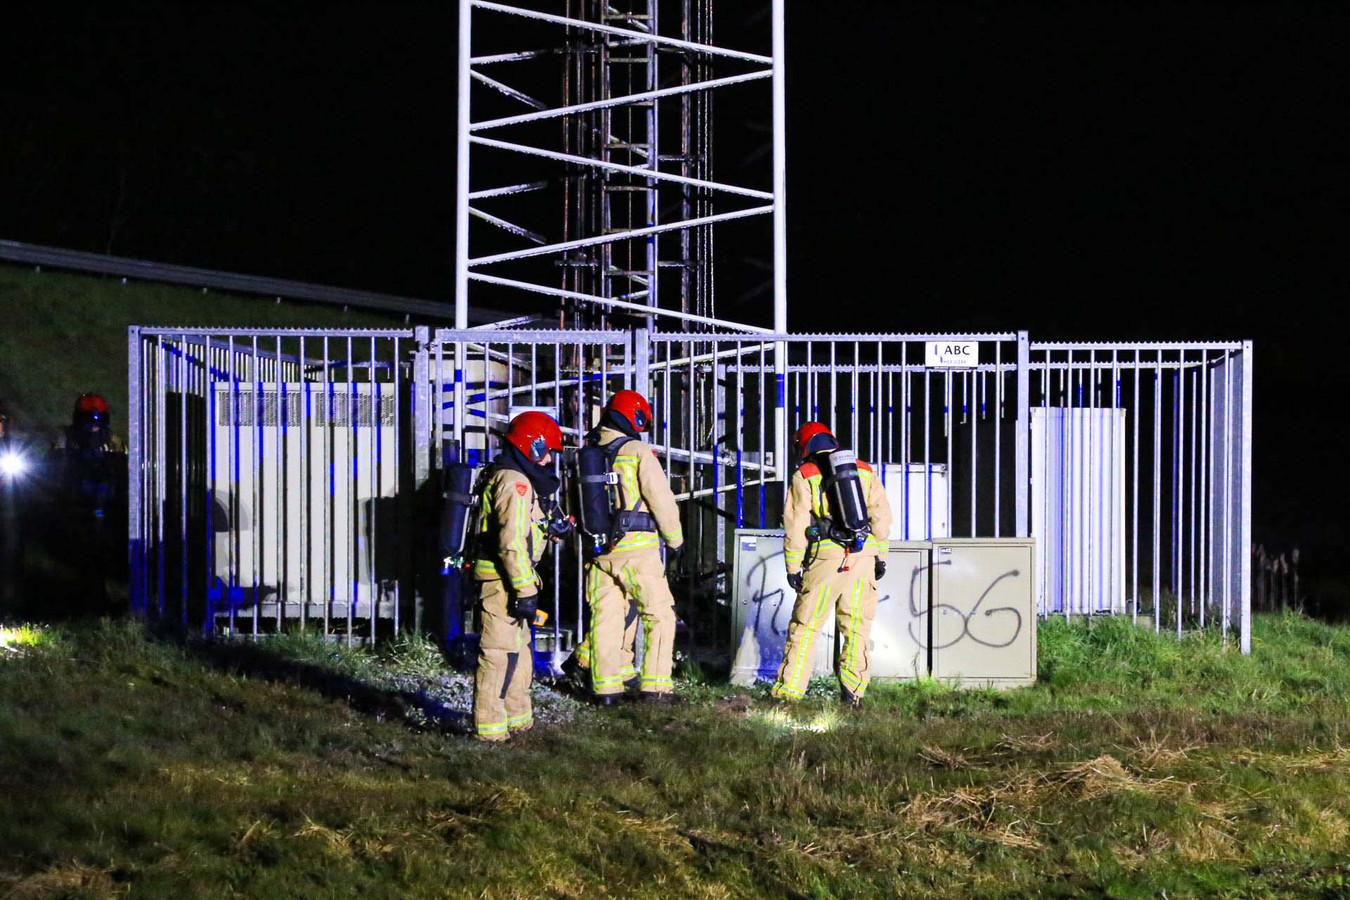 Brandweermensen hebben de brand in de telefoonmast in Liessel geblust.